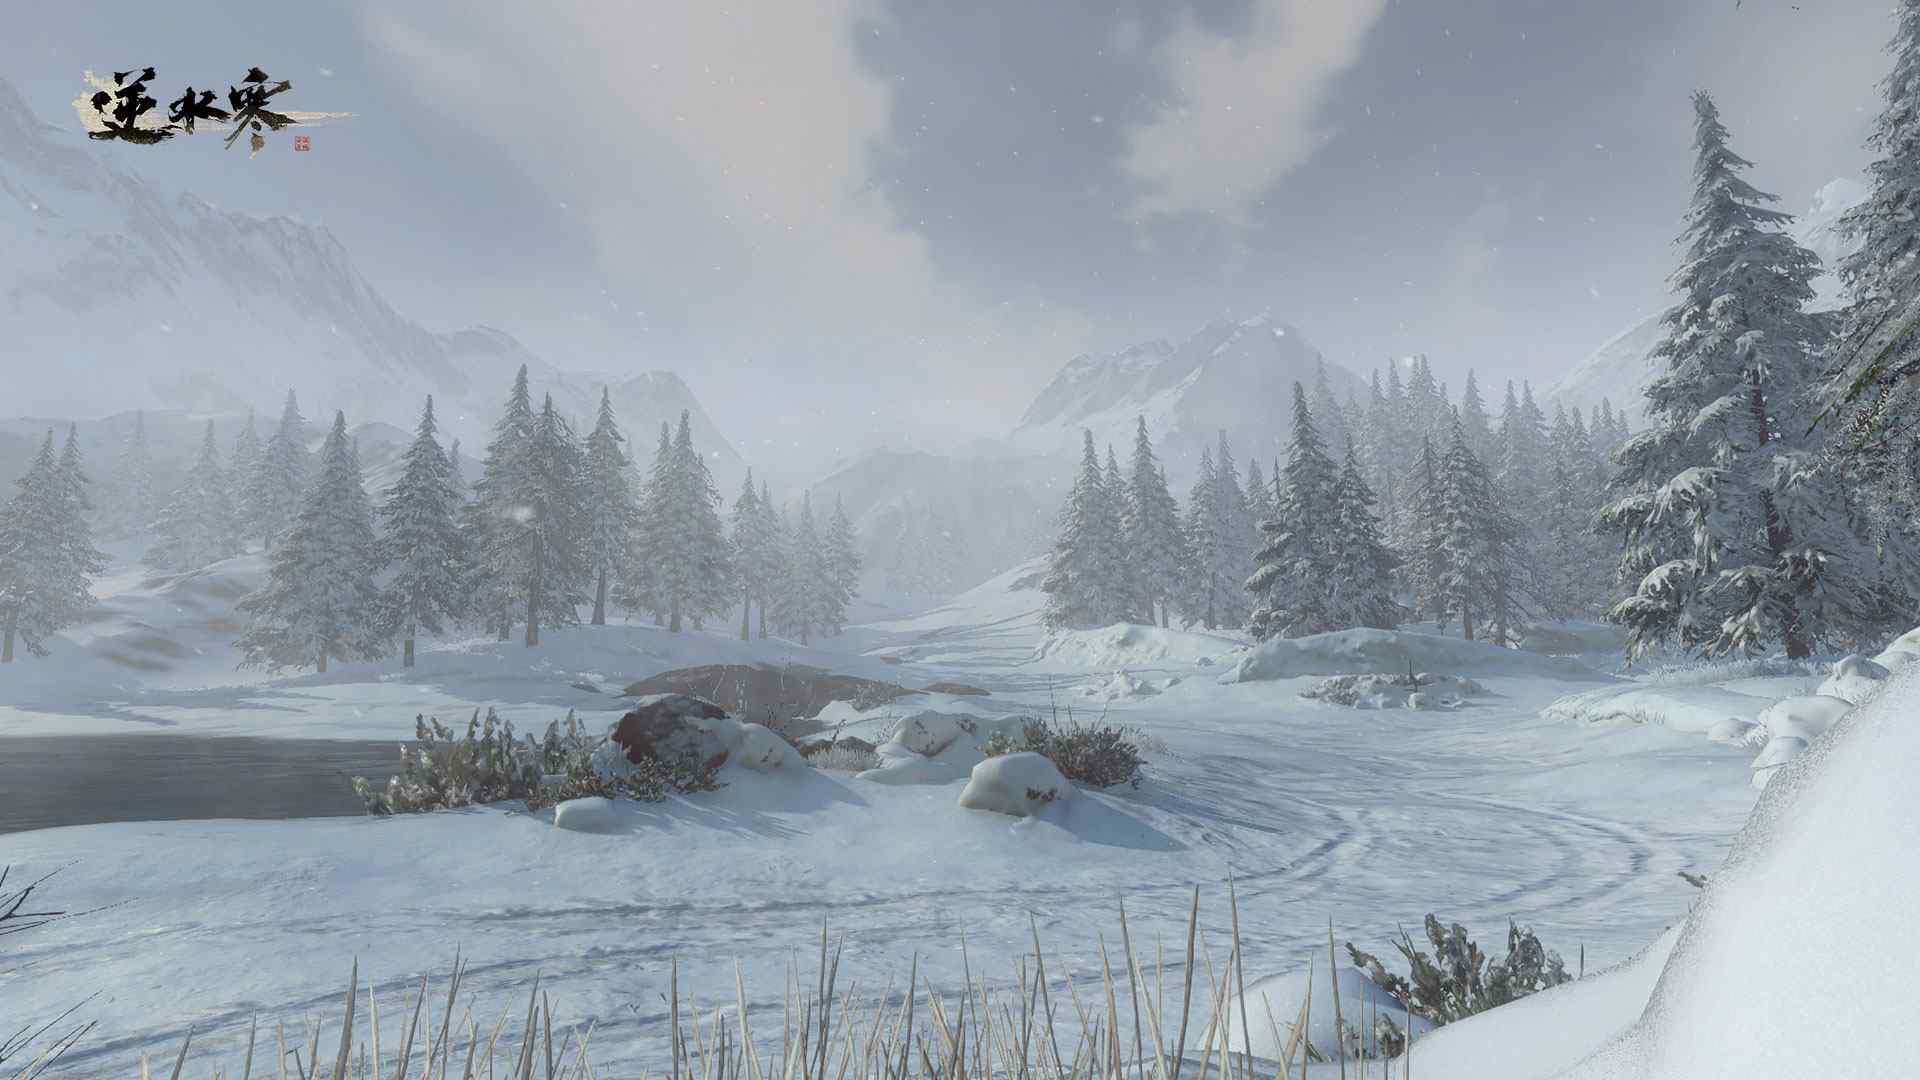 逆水寒雪原风景高清壁纸